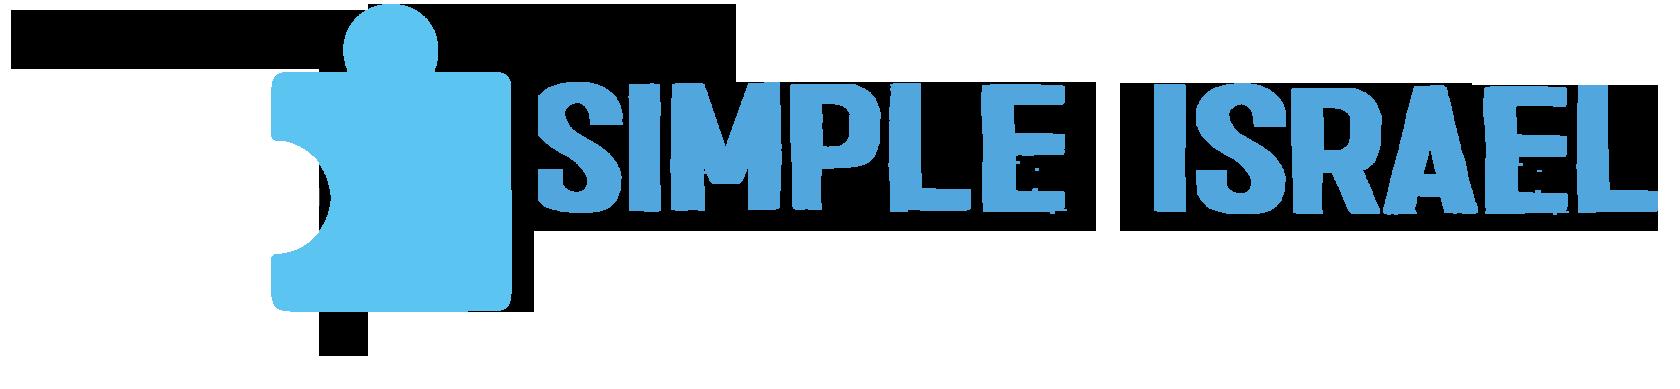 SIMPLE ISRAEL